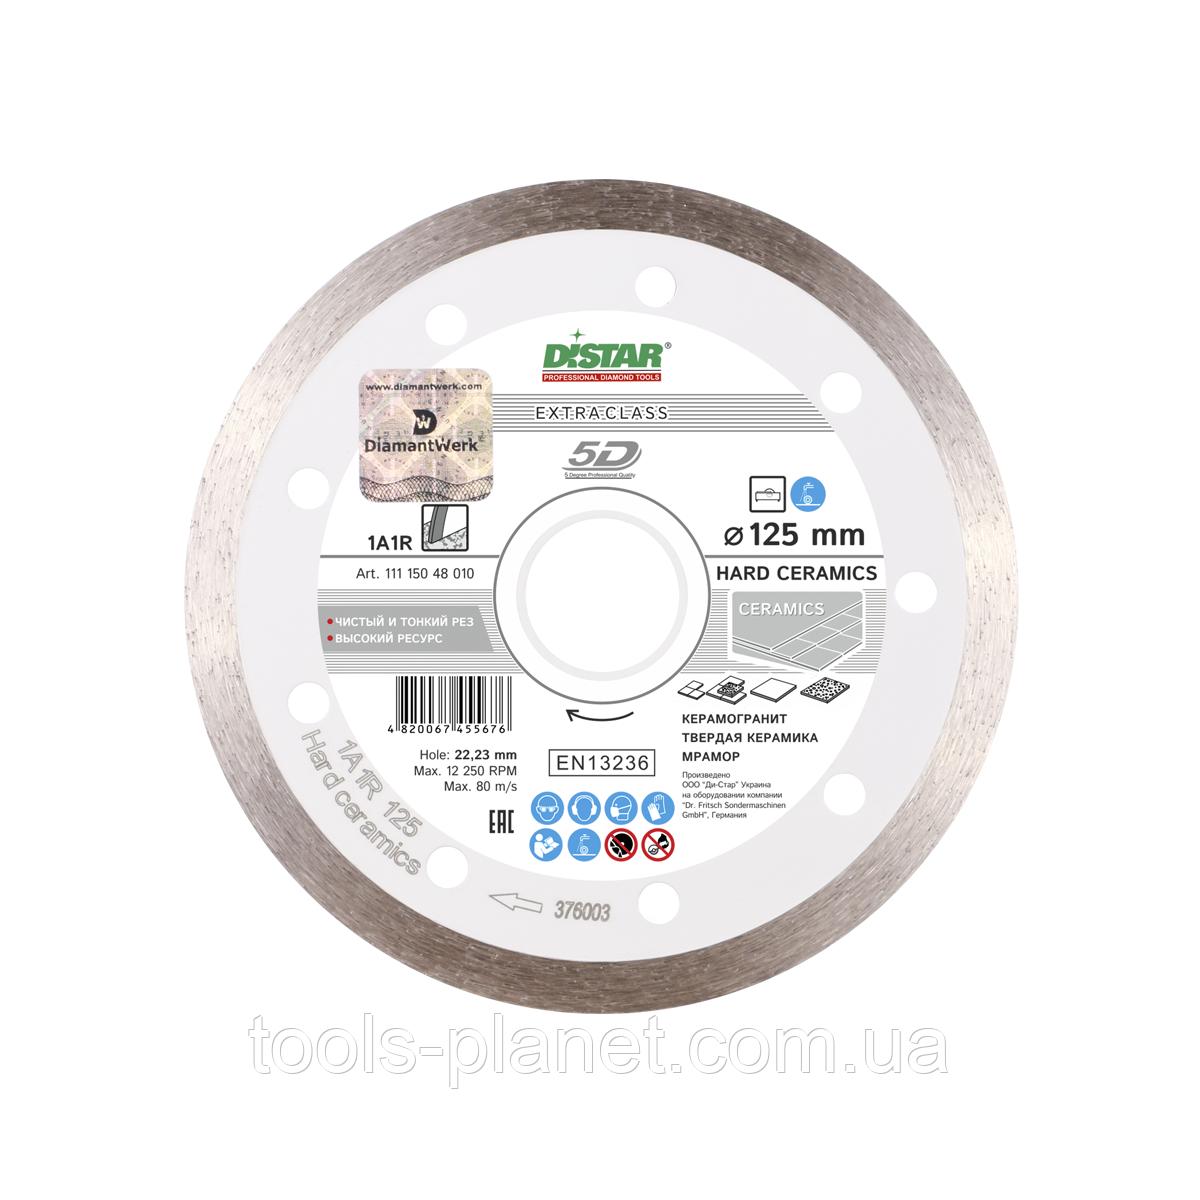 Алмазный диск Distar 1A1R 125 x 1,4 x 10 x 22,23 Hard Ceramics 5D (11115048010)